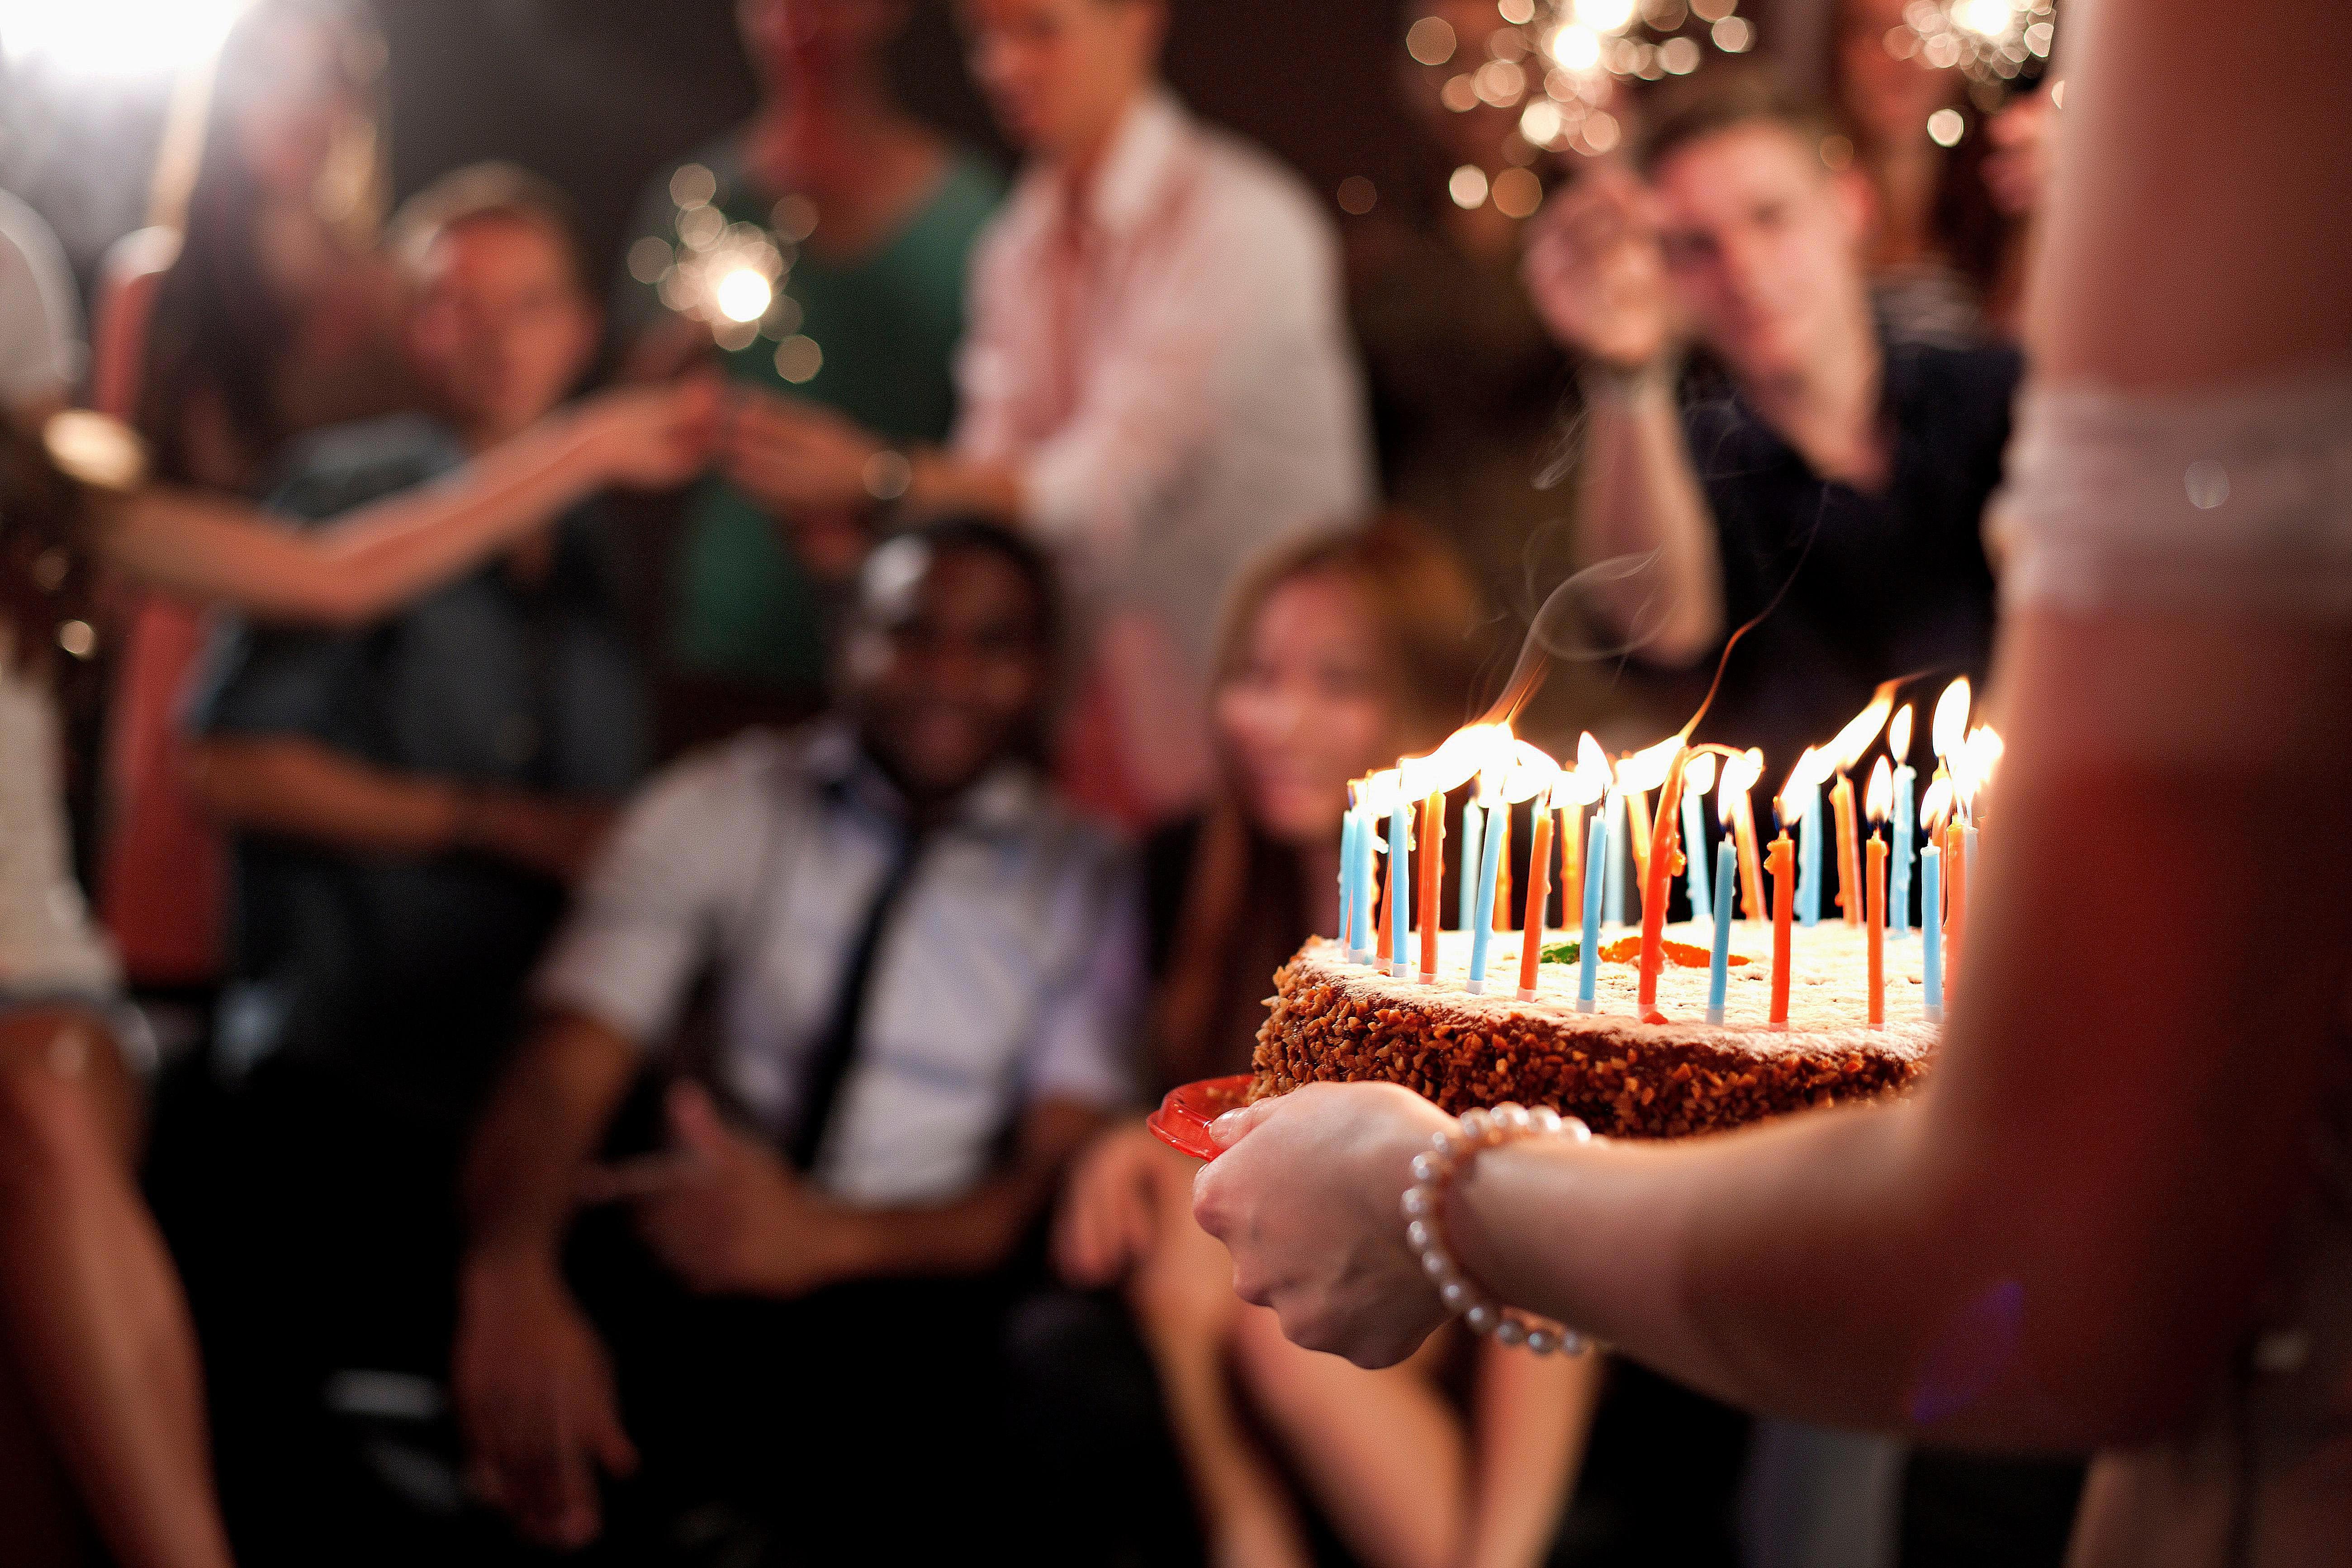 прованс картинка с днем рождения отмечаю одержал действующий, таджики